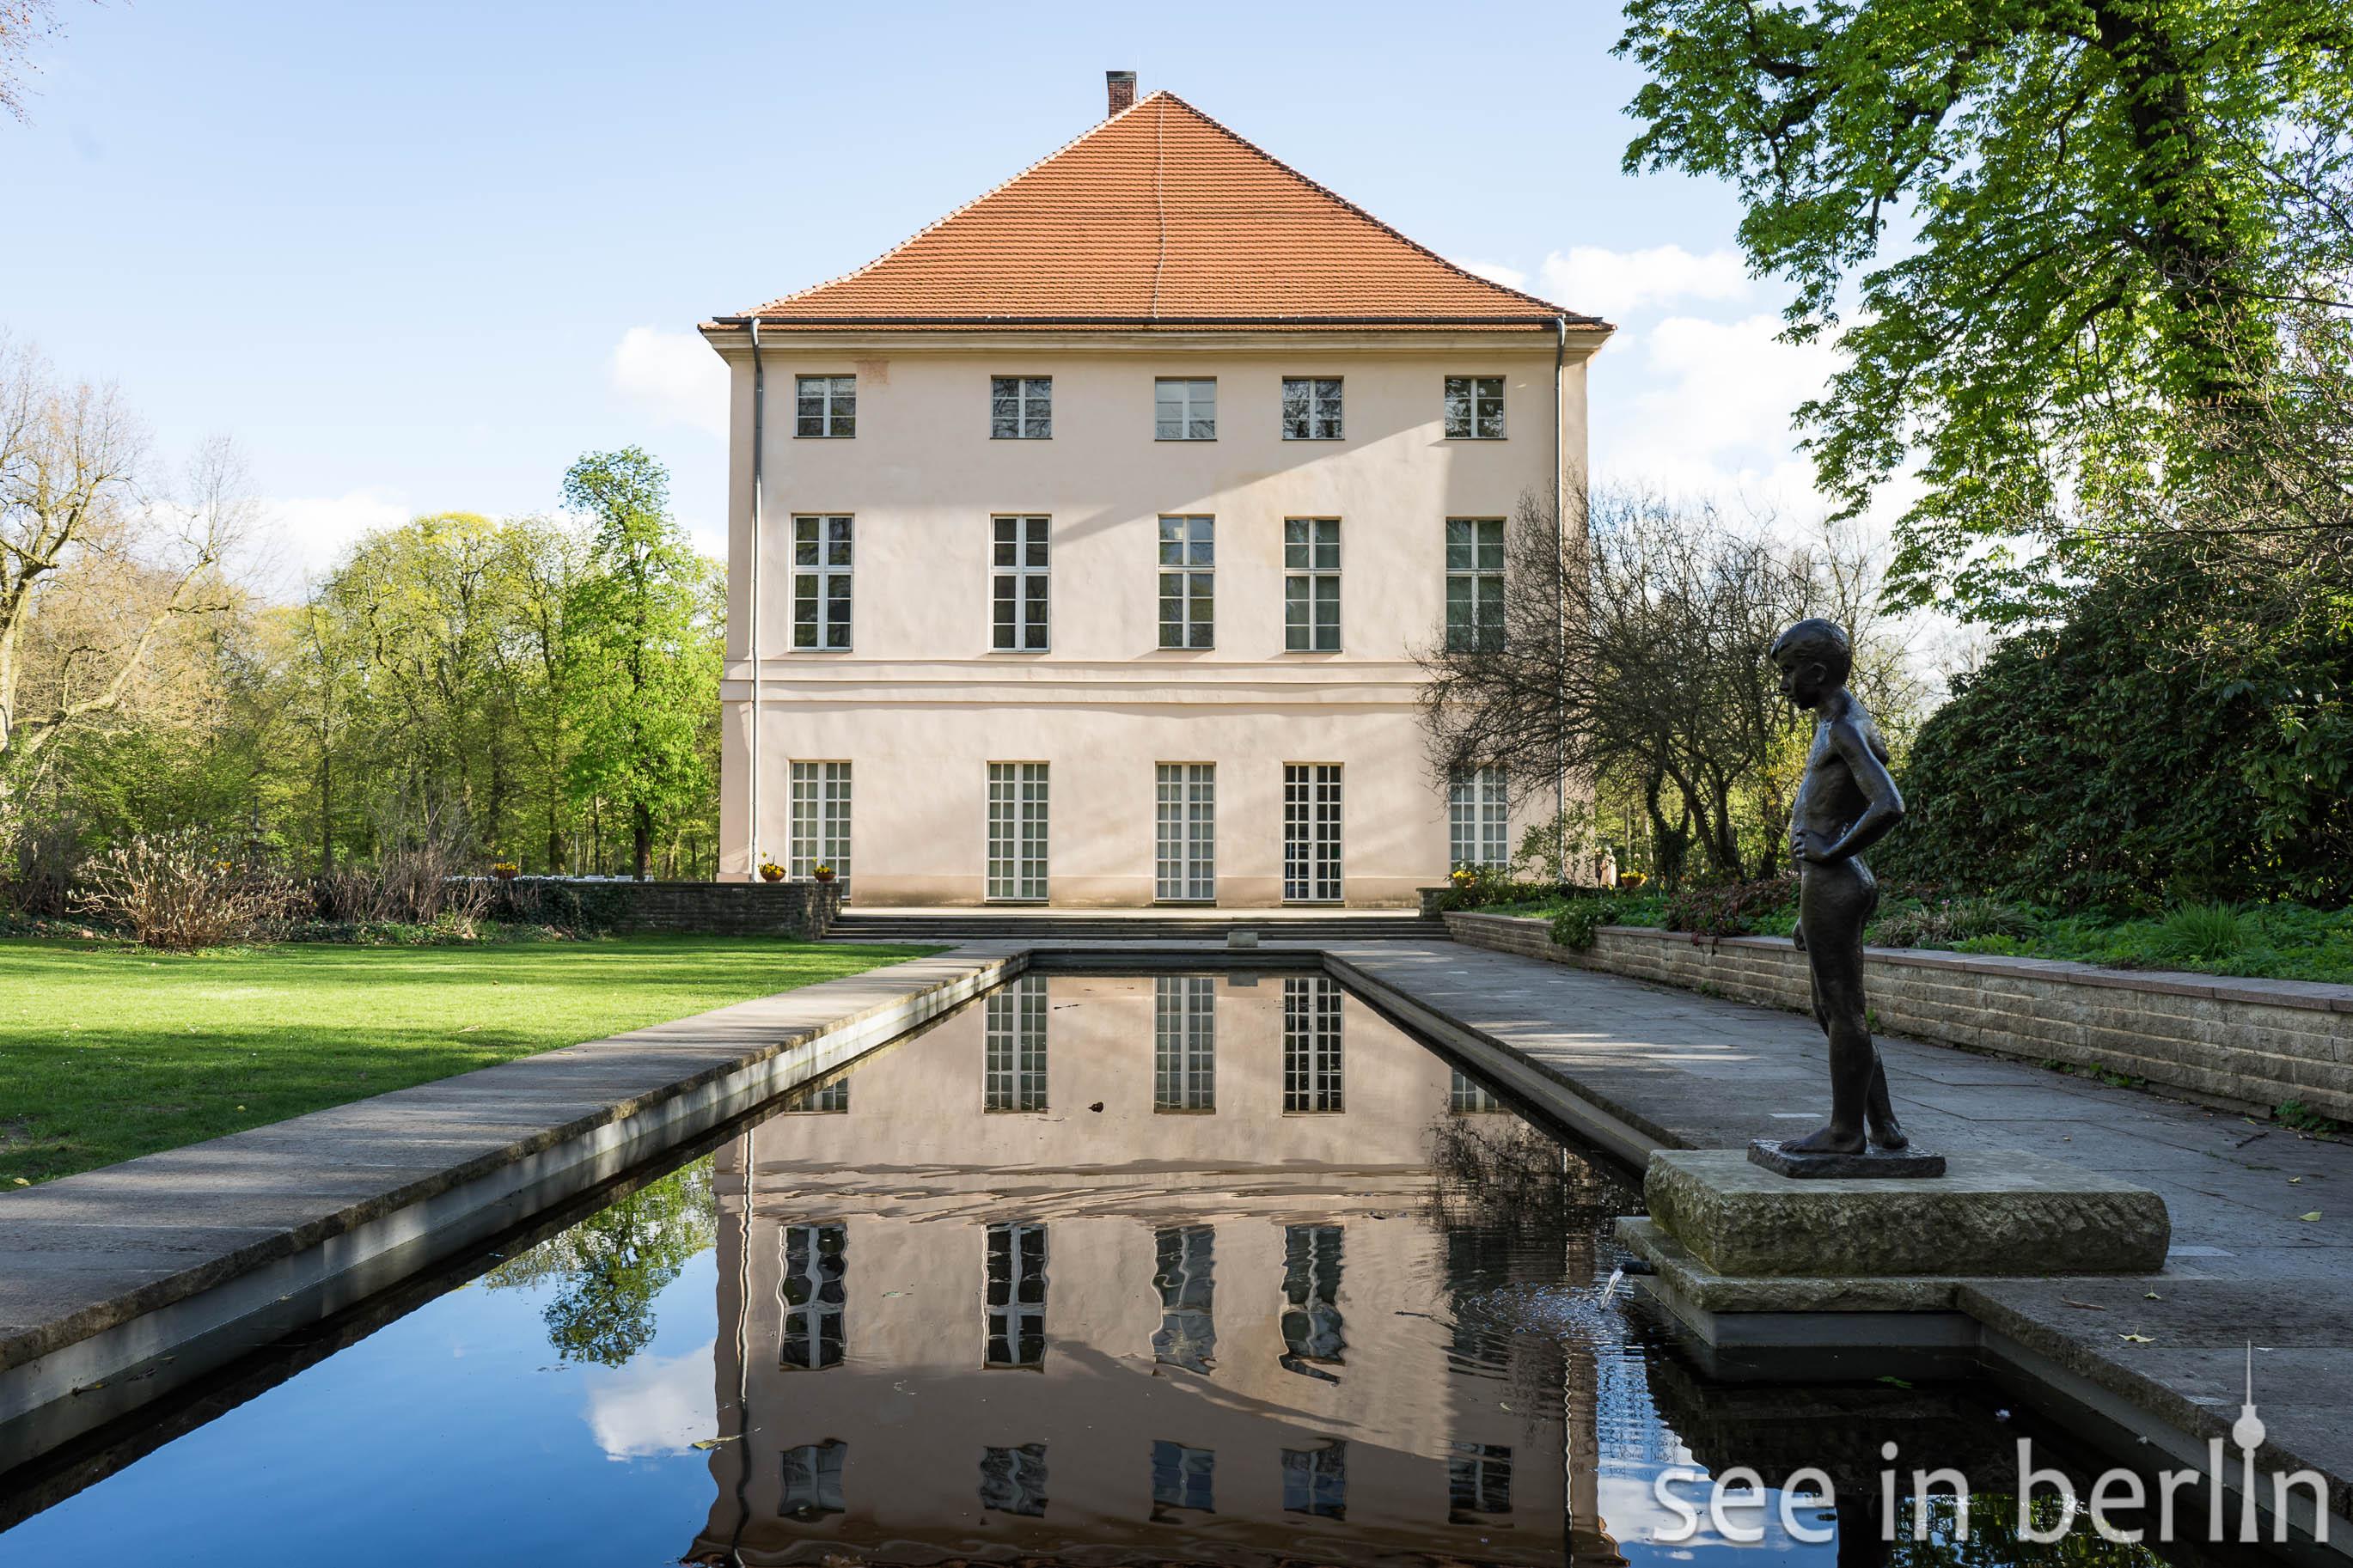 Schönhauser Palace